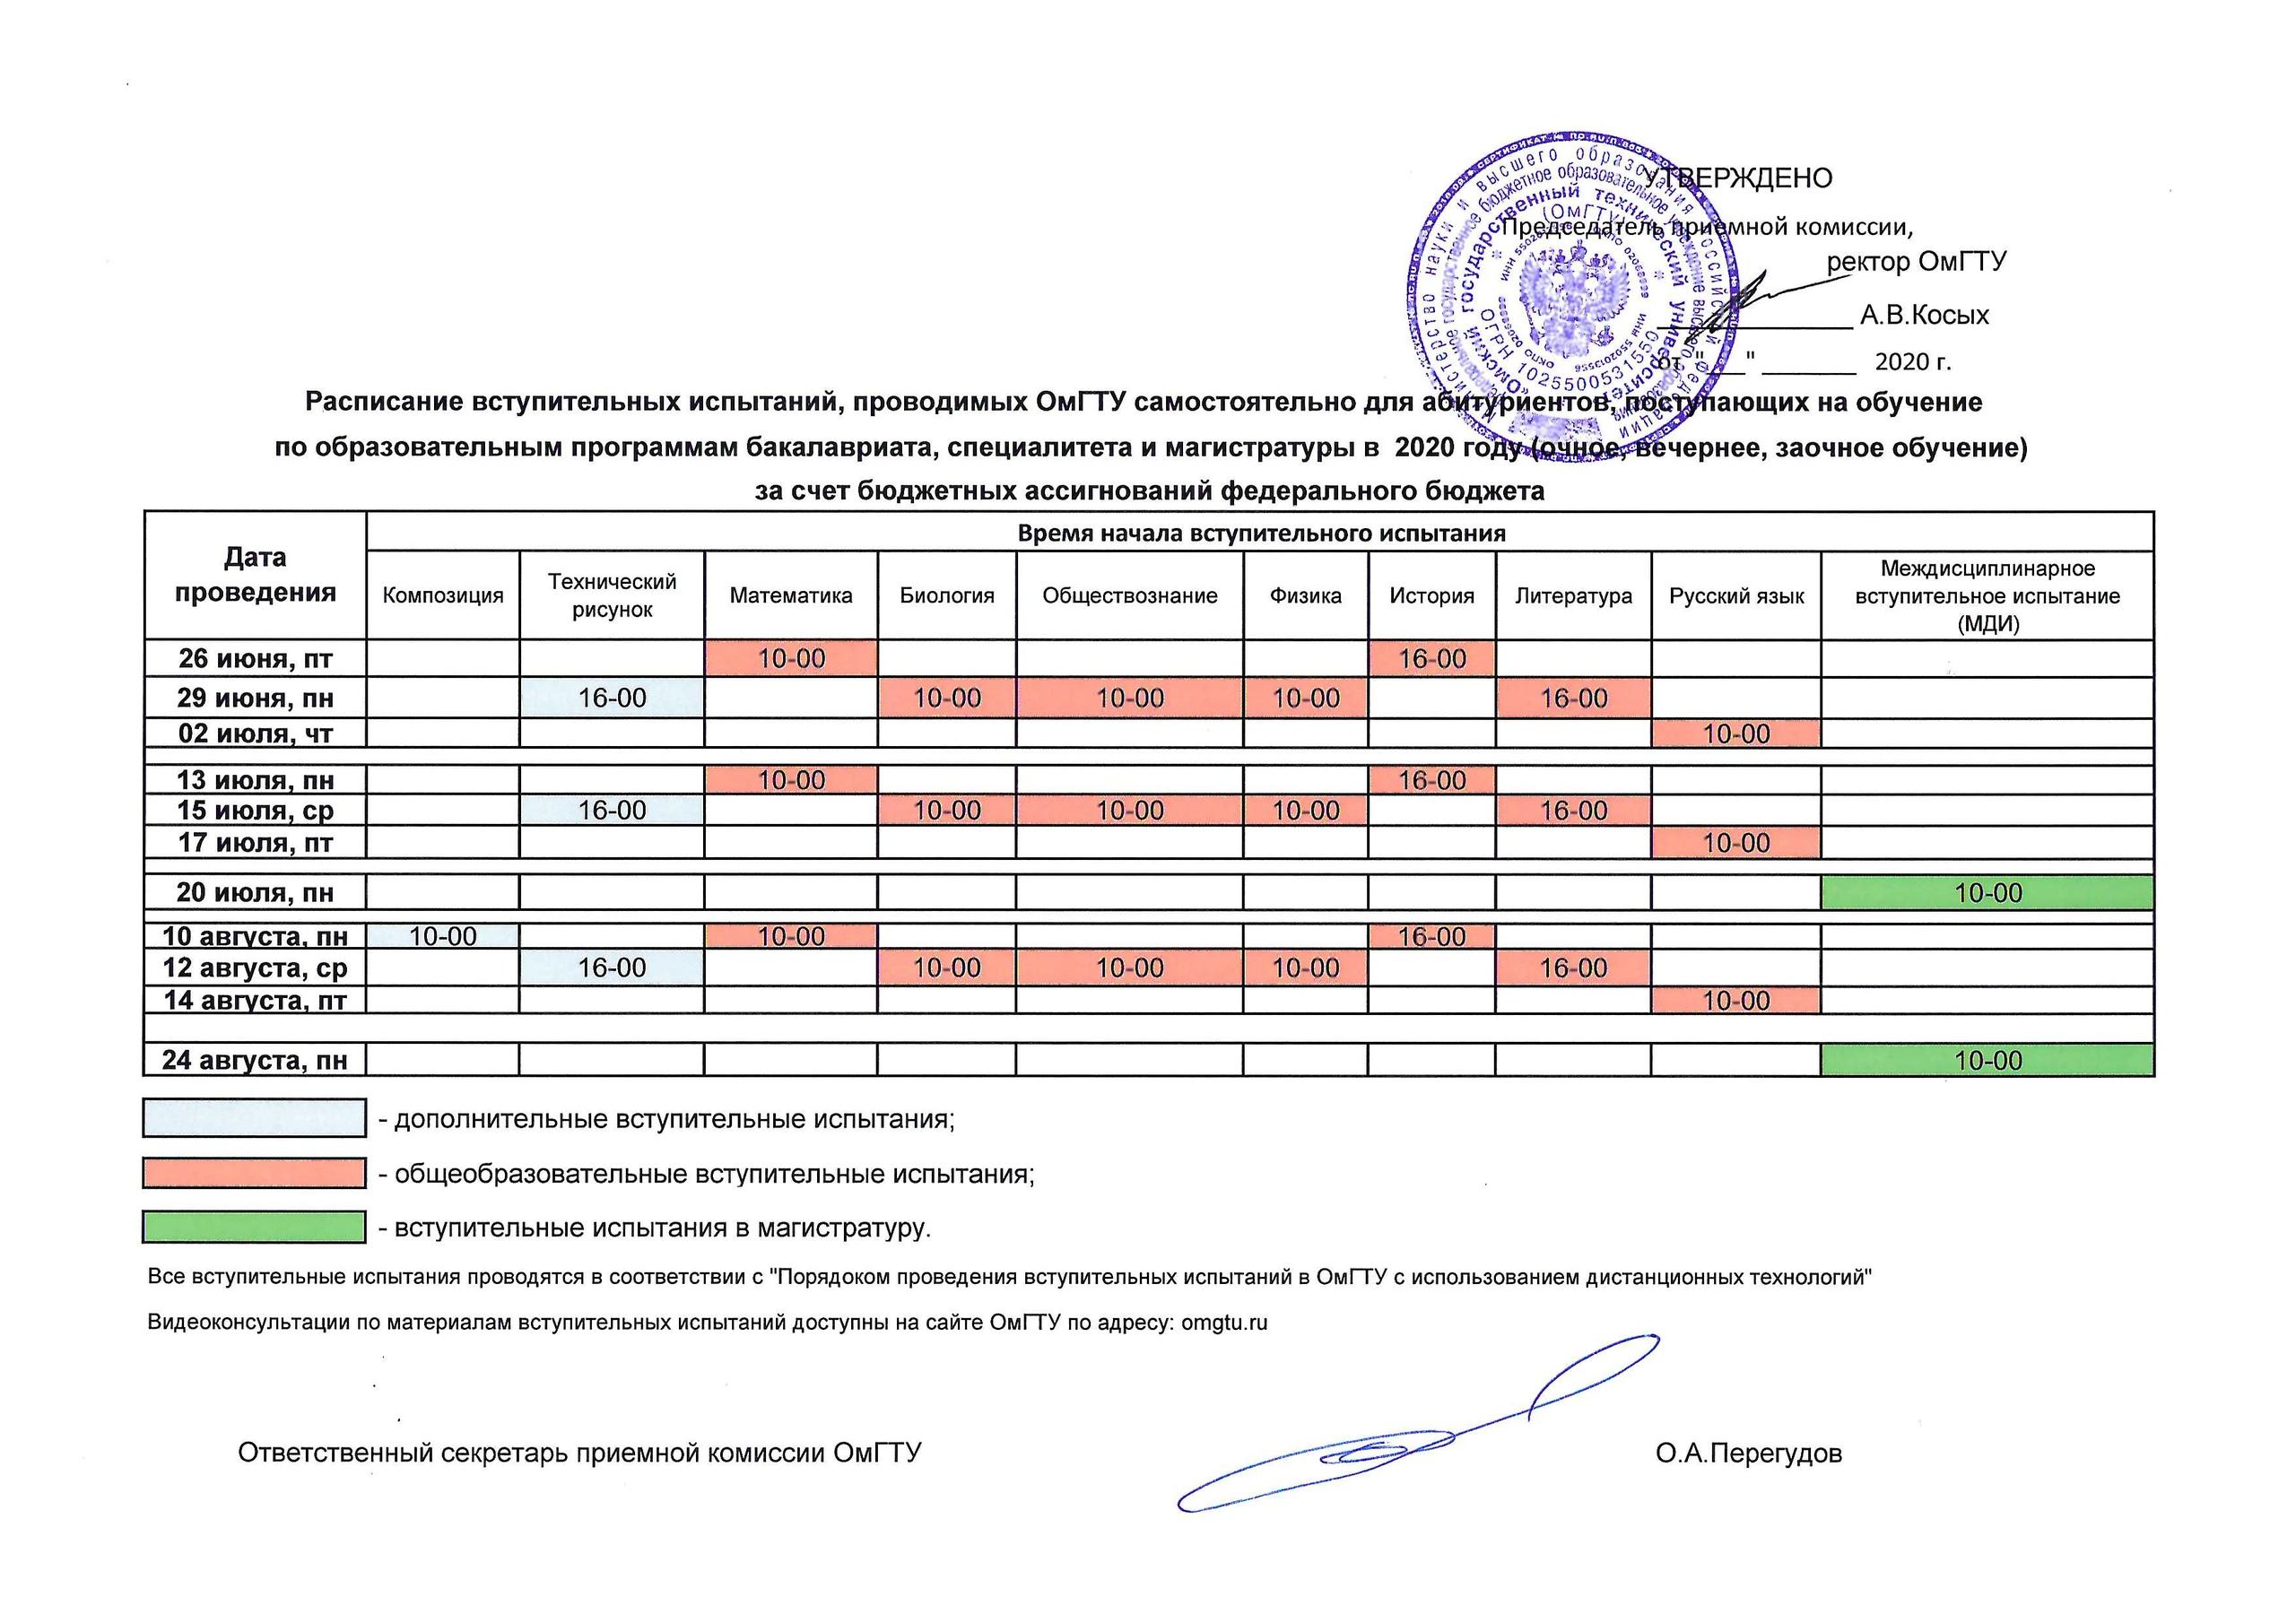 расписание вступительных экзаменов омгту 2020